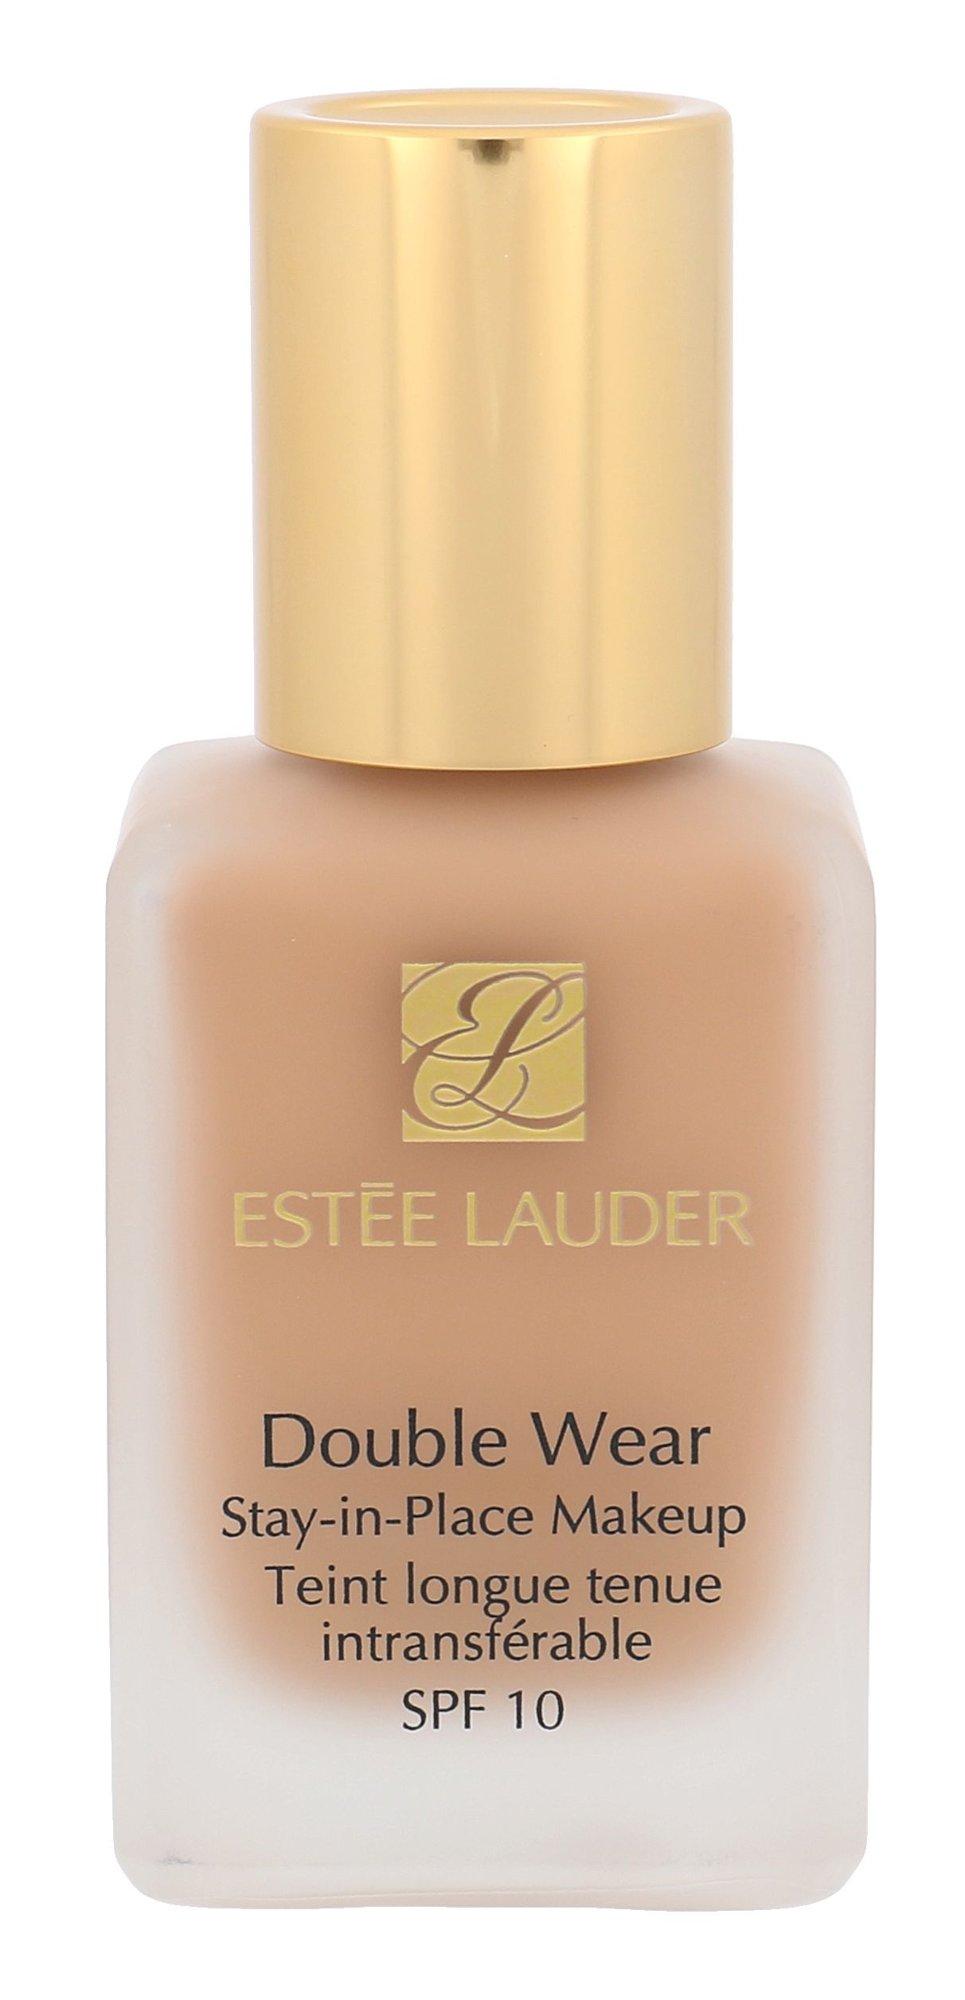 Estée Lauder Double Wear Cosmetic 30ml 2C2 Pale Almond